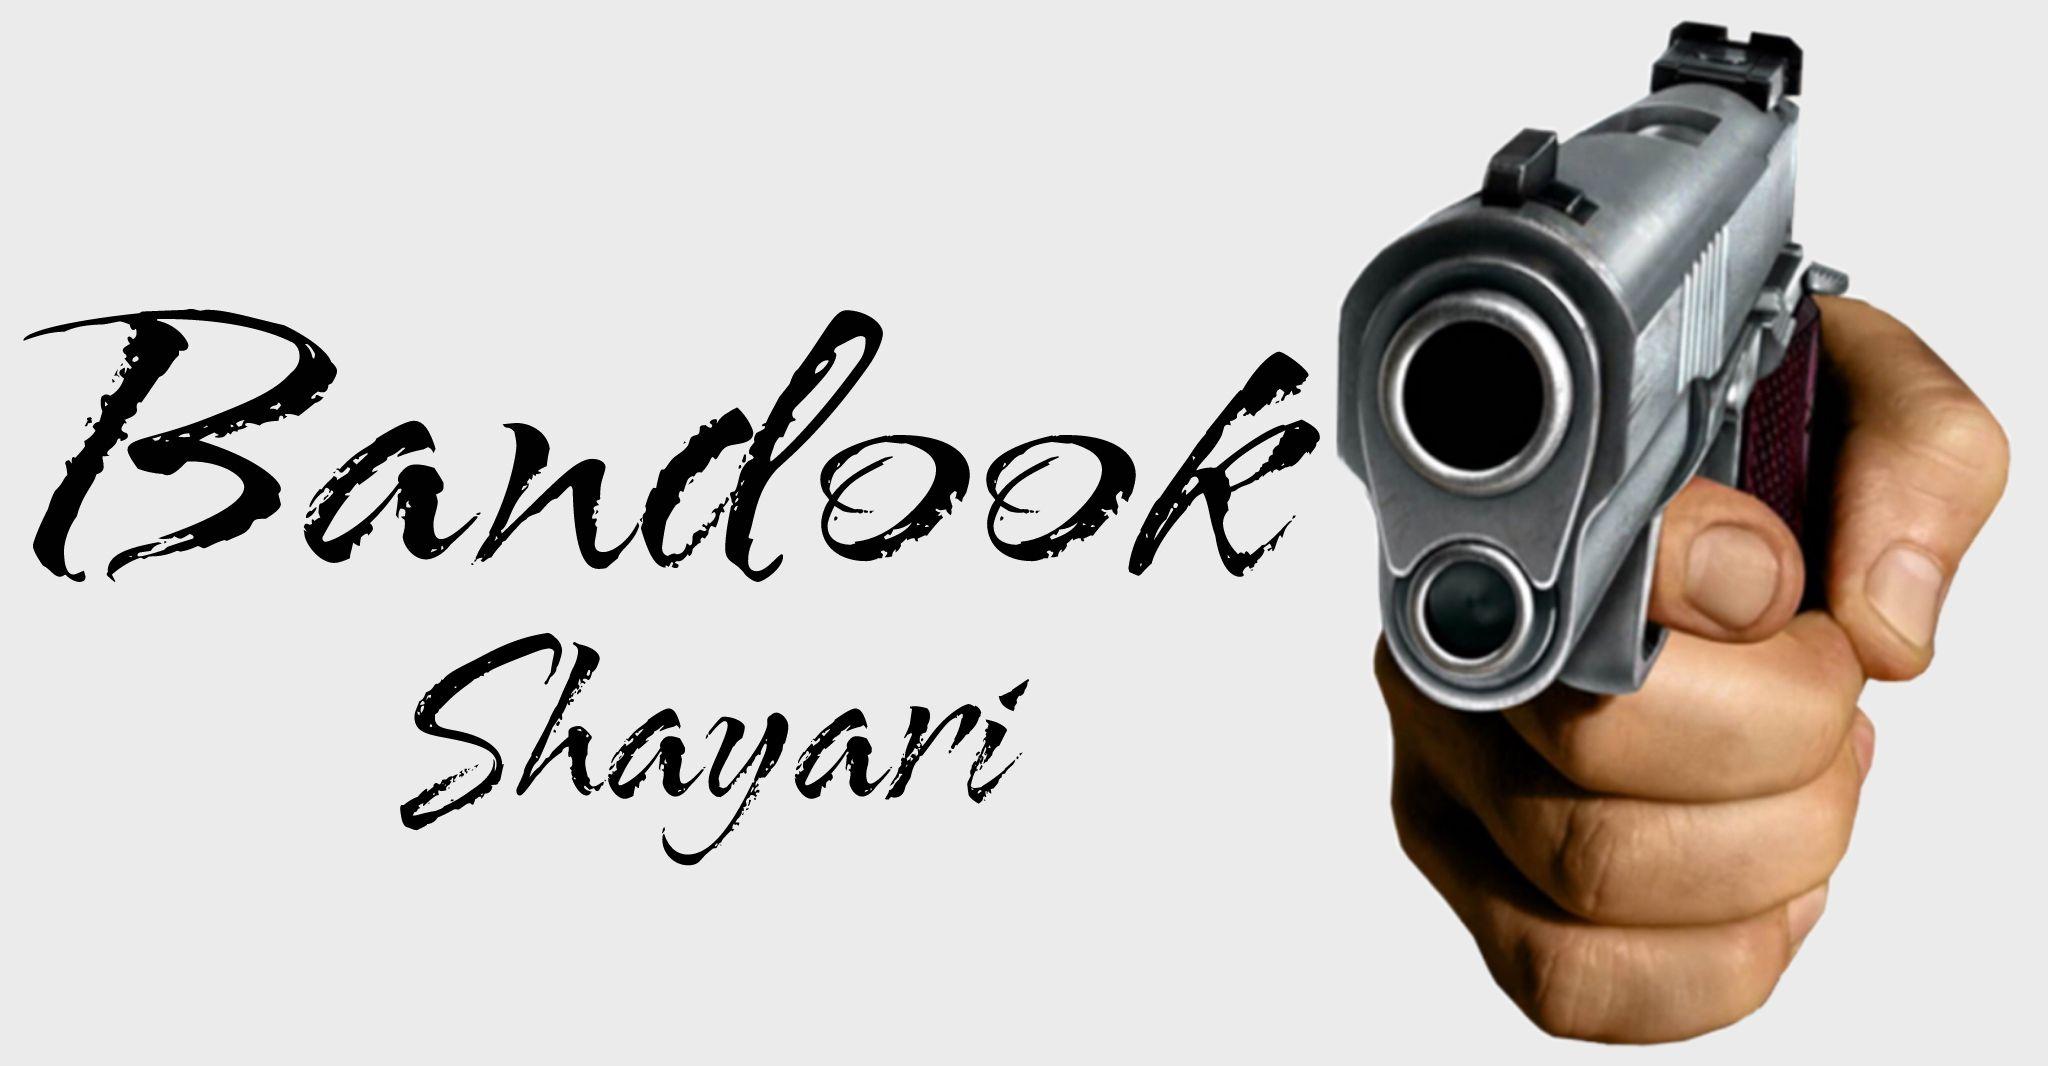 Bandook Status, Bandook Wali Shayari